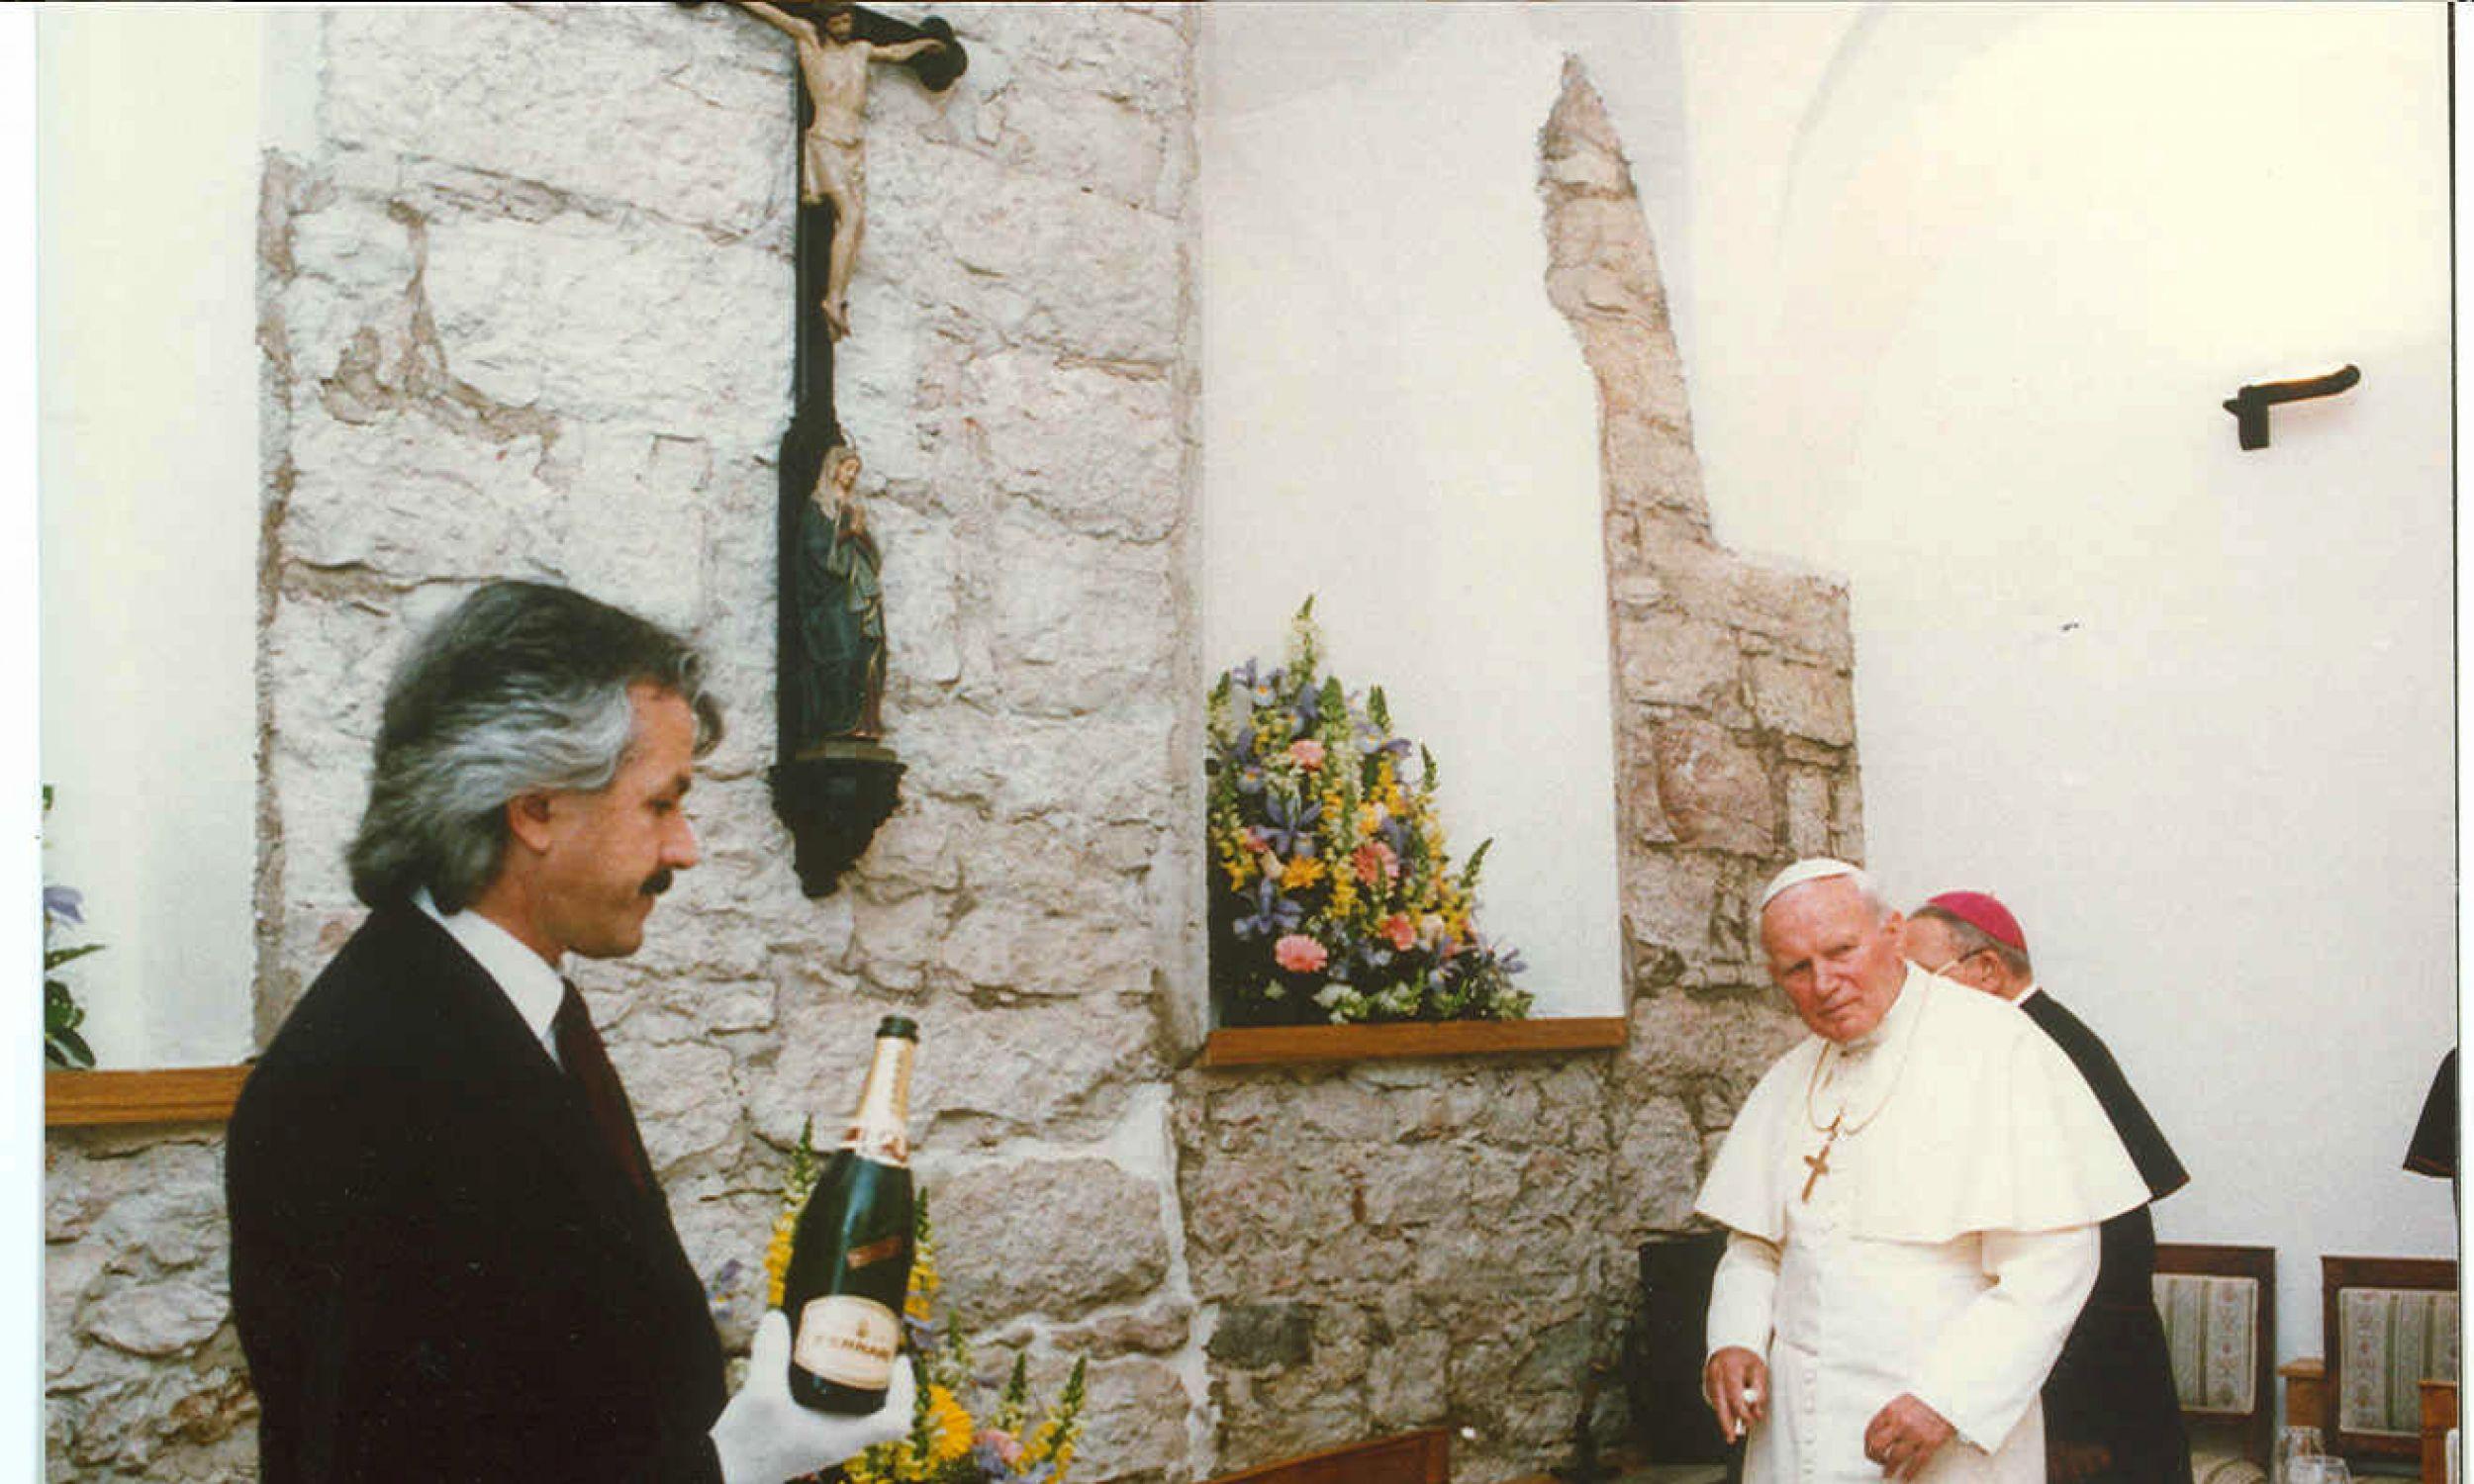 Kolacja wydawana dla Jana Pawła II. Fot. Gruppo Lunelli